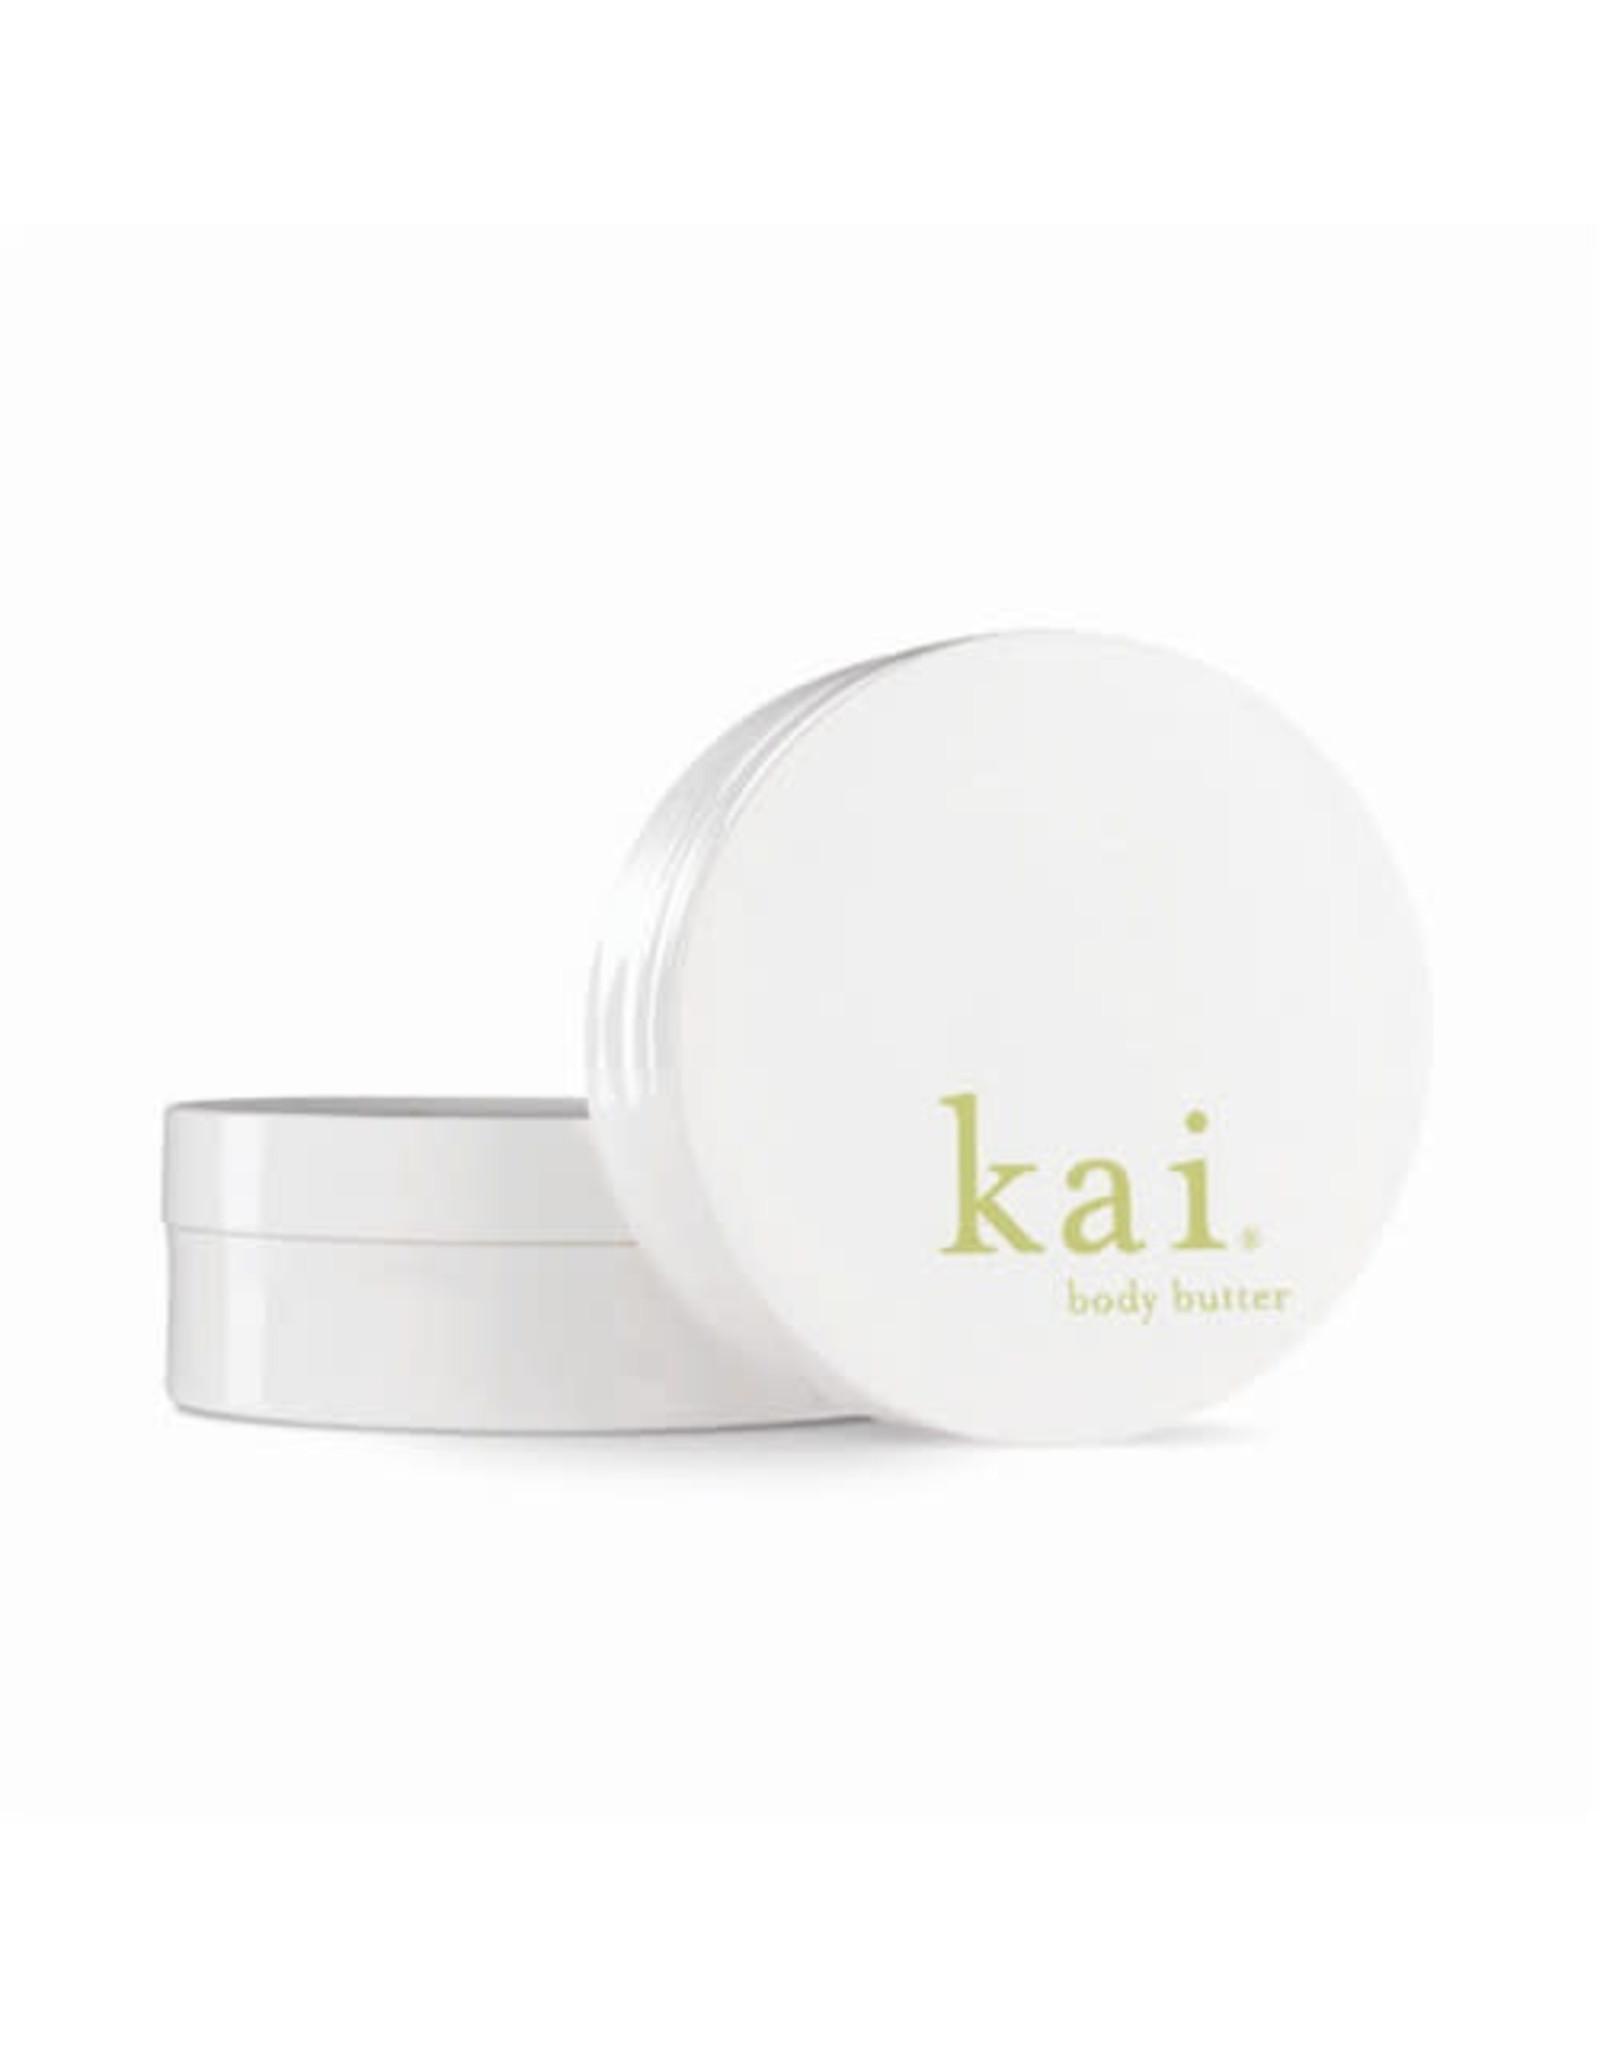 Kai Body Butter | Kai